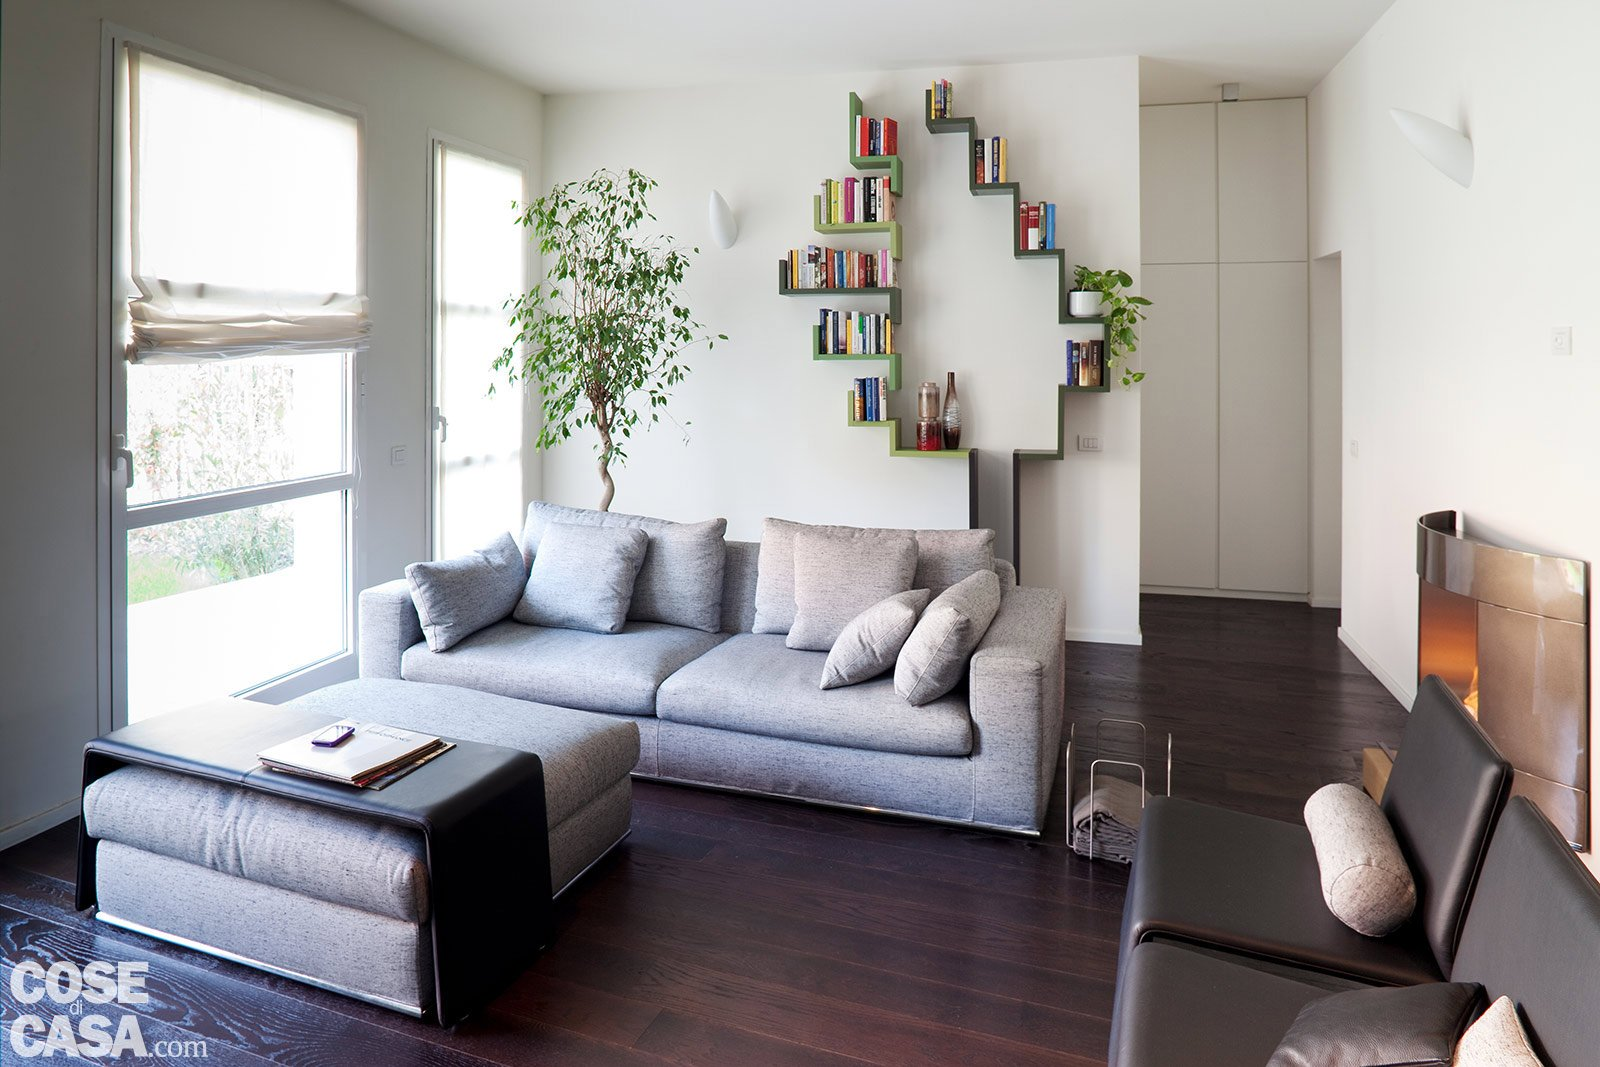 Una casa ristrutturata puntando sull 39 efficienza energetica for Case arredate ikea